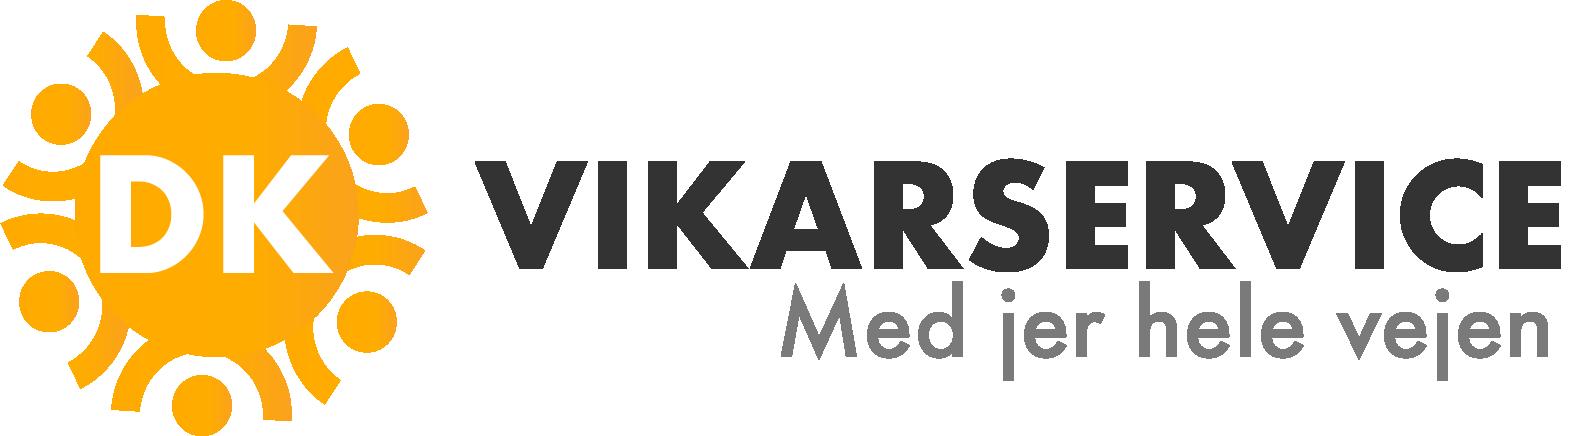 DK vikarservice logo